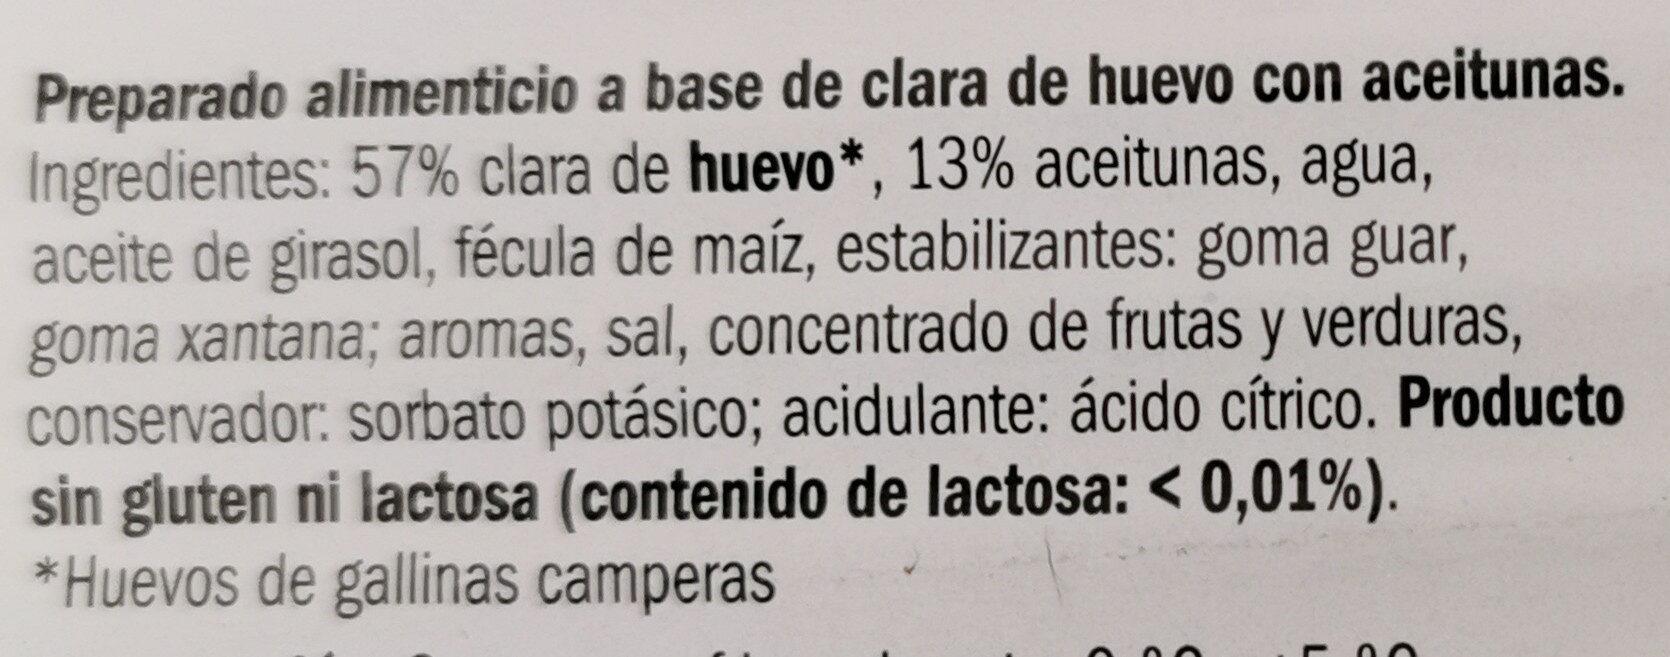 Loncheado con aceitunas - Ingredients - es